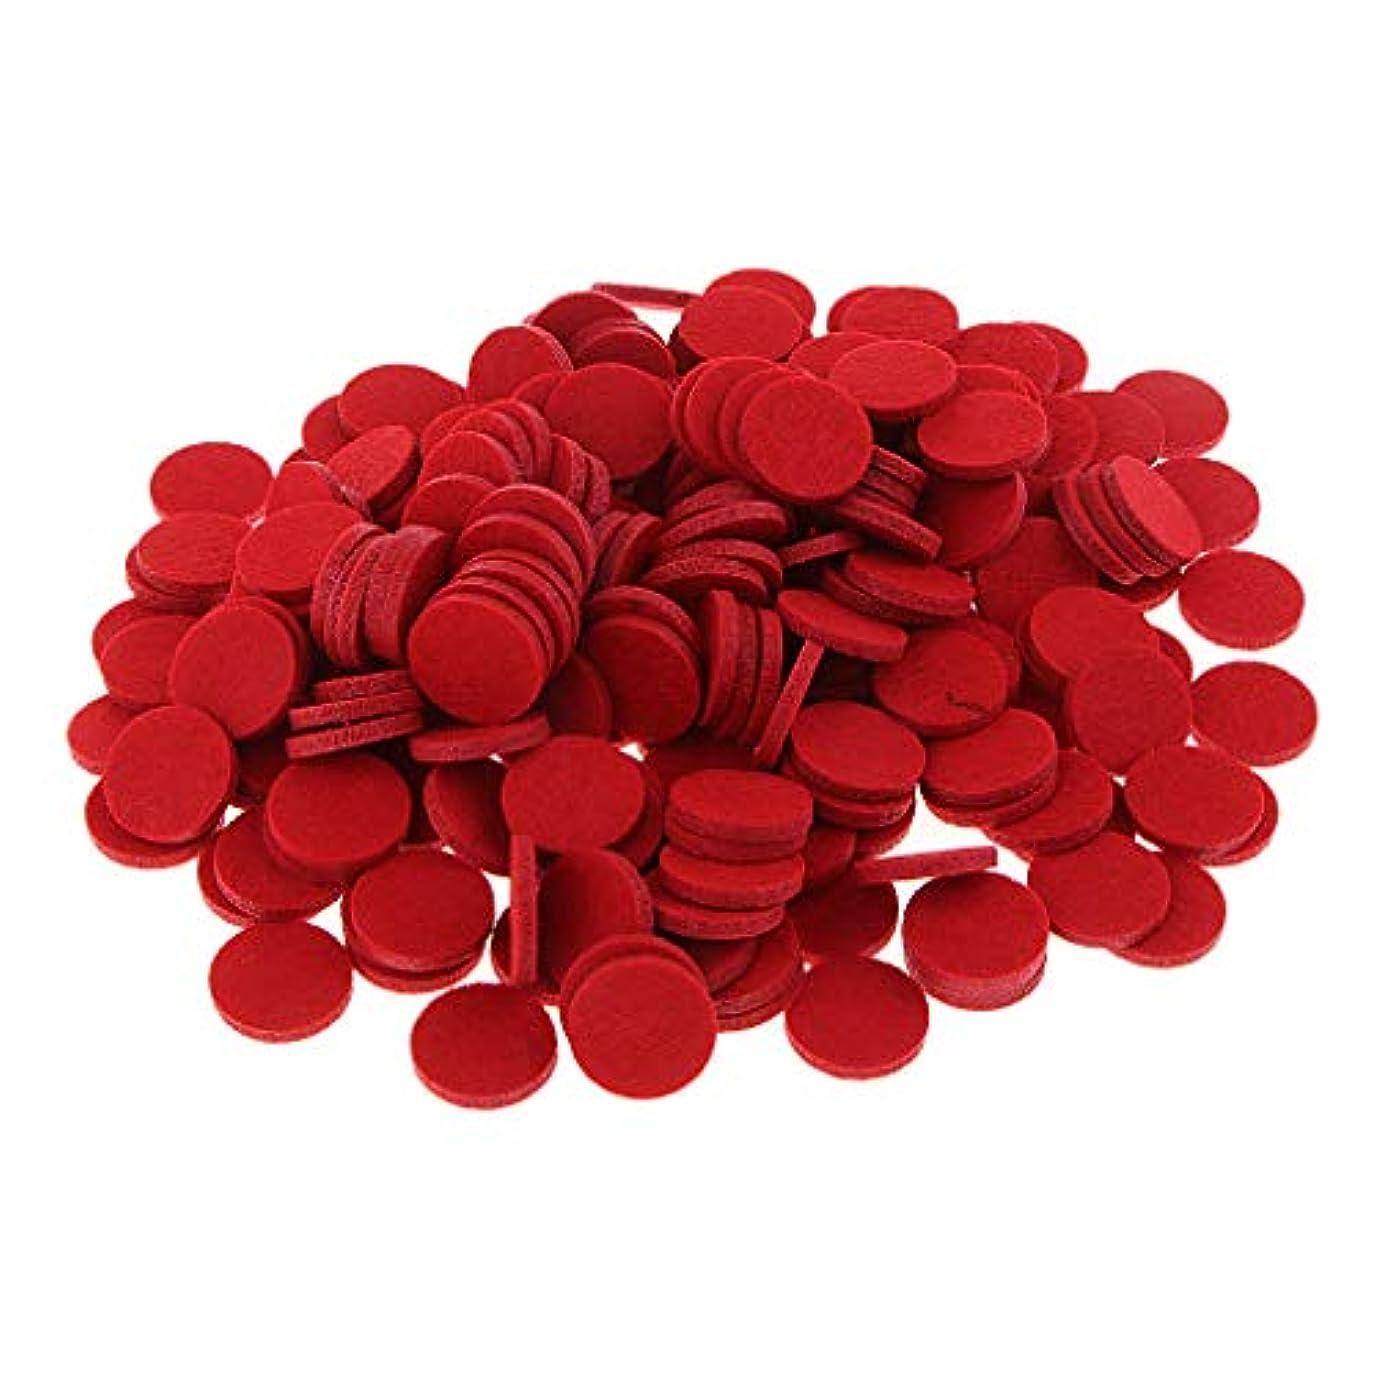 適合しましたバーマド有彩色のFenteer 約200個入り 詰め替えパッド 精油付き アロマディフューザー 交換用 オイルパッド 全11色 - 赤